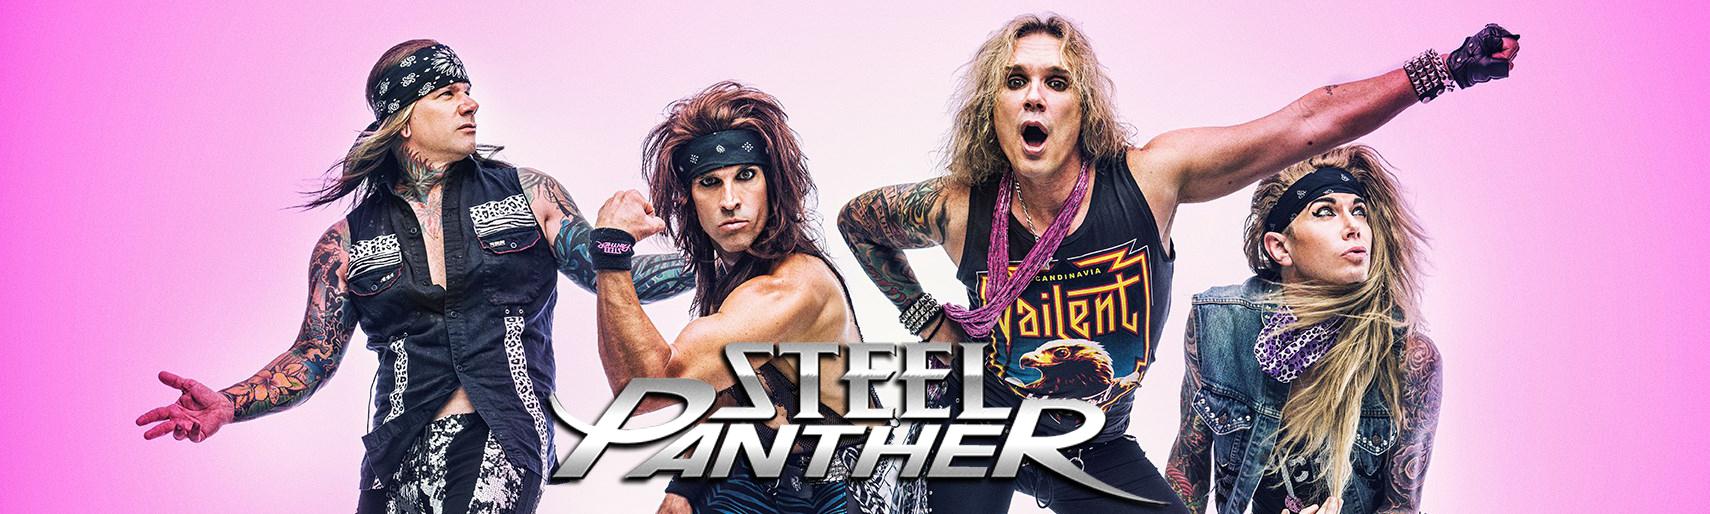 nyheder steel panther i aarhus